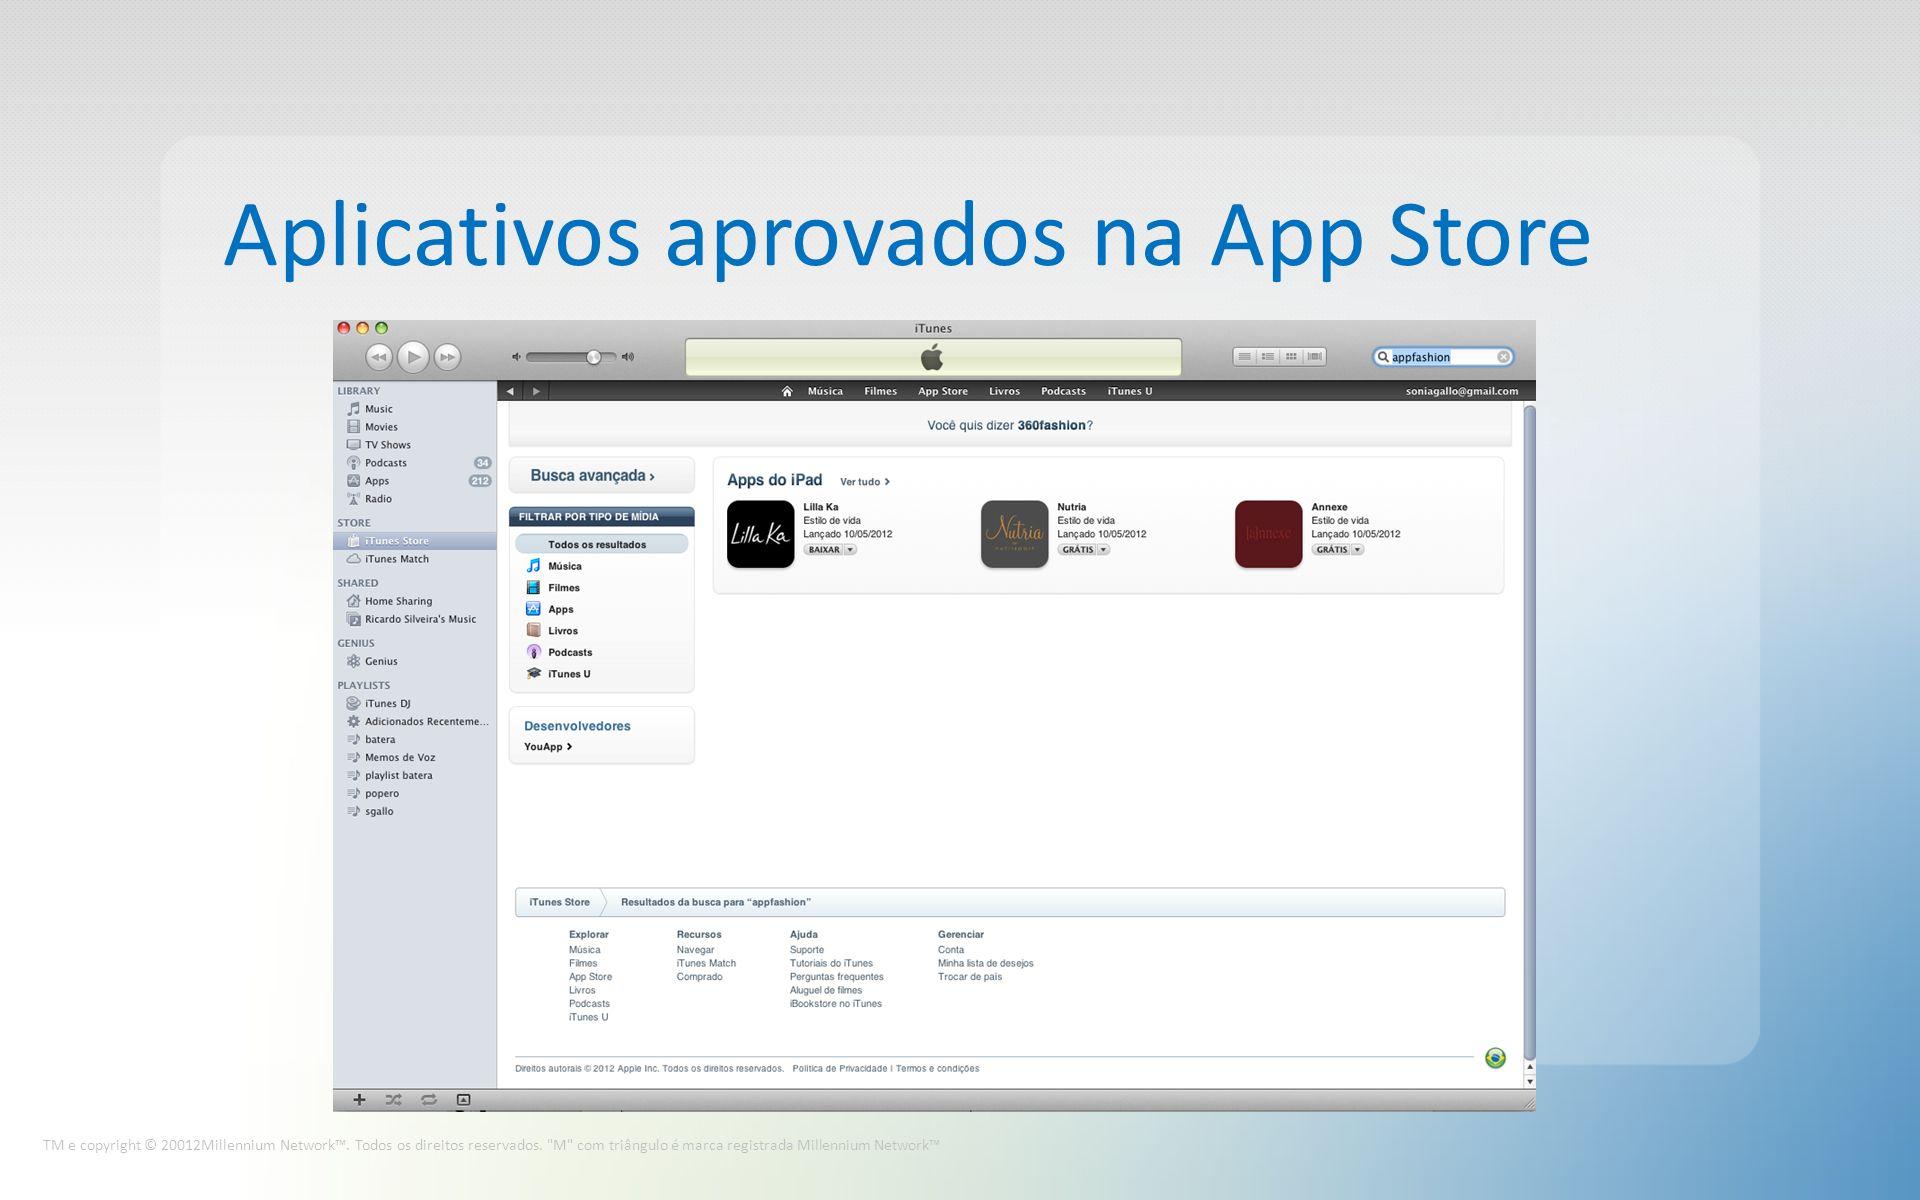 Aplicativos aprovados na App Store TM e copyright © 20012Millennium Network.